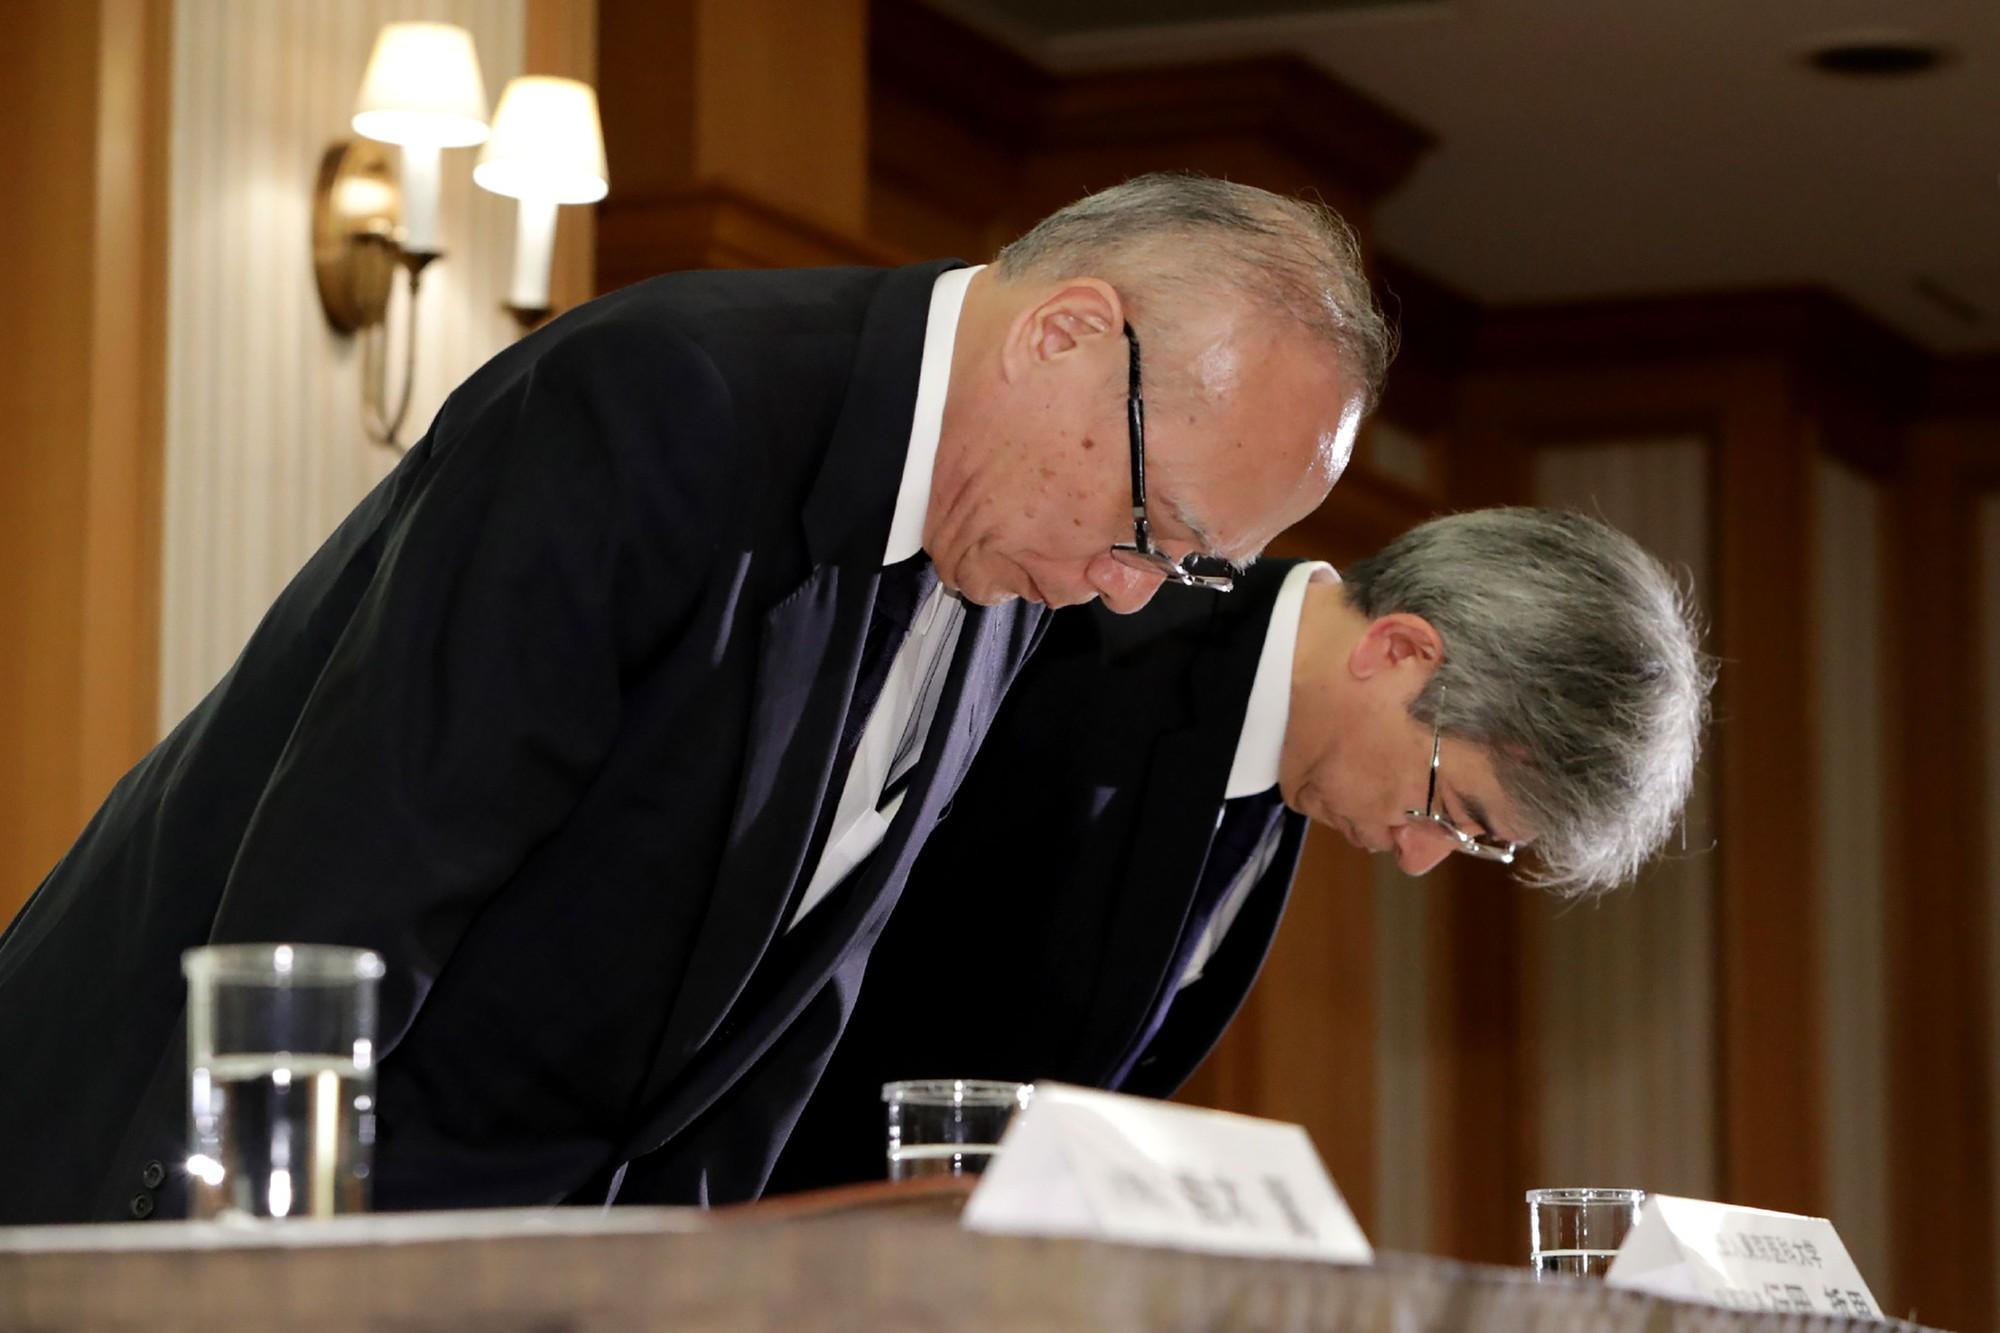 Sau bê bối sửa điểm thi chấn động, Nhật Bản yêu cầu rà soát quy trình tuyển sinh của tất cả Đại học Y toàn quốc - Ảnh 1.